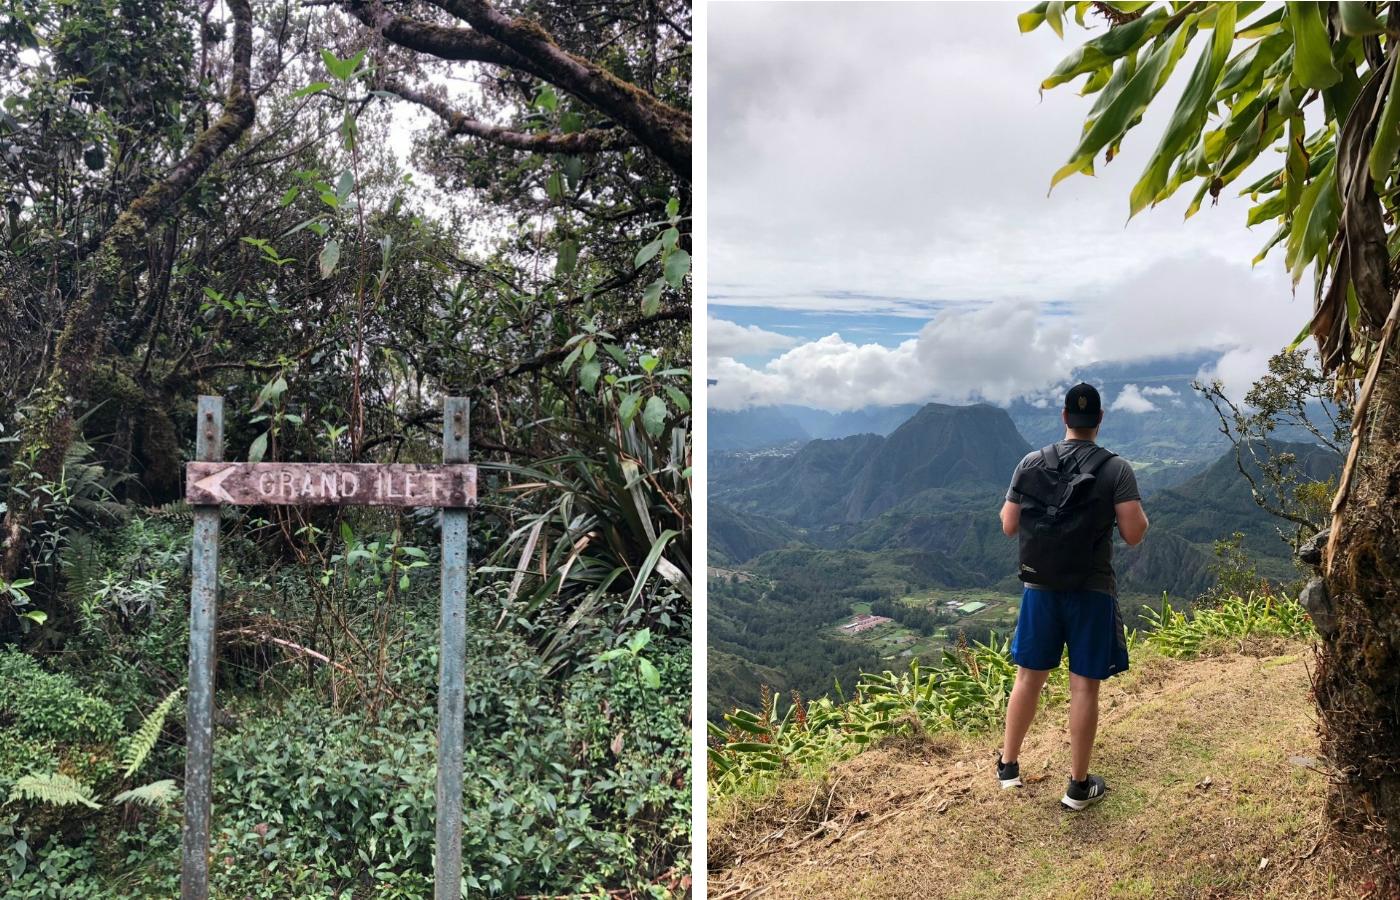 Die im La Réunion Expertengespräch erwähnte bekannte Aussichtsplattform Col des Bœuf.